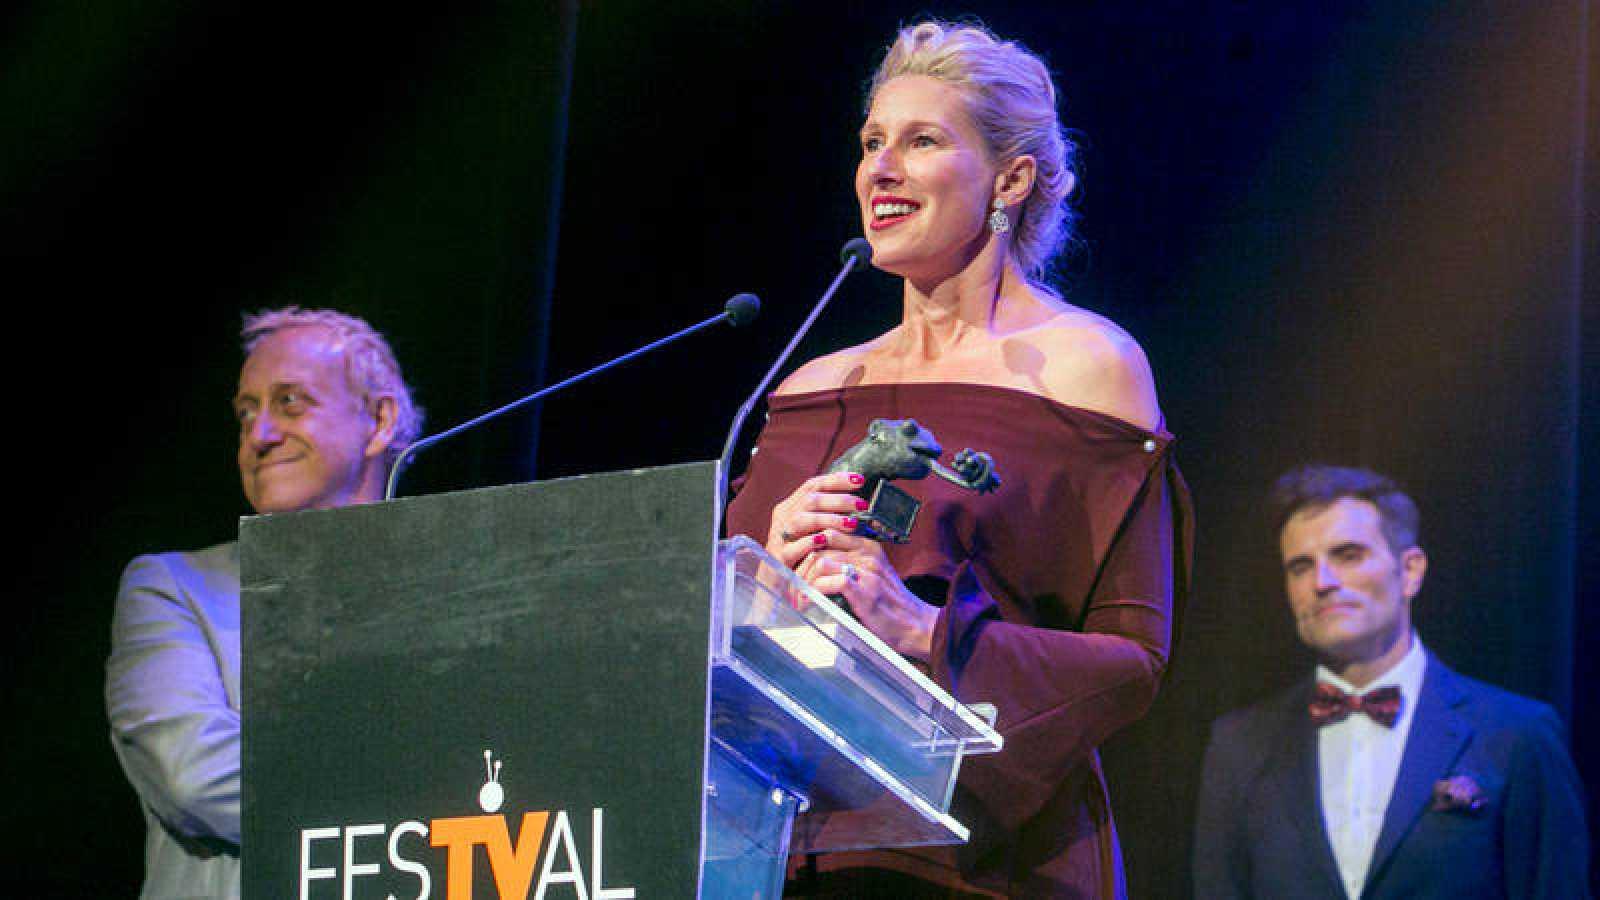 Anne Igartiburu recogió en premio en la gala de clausura del FesTVal